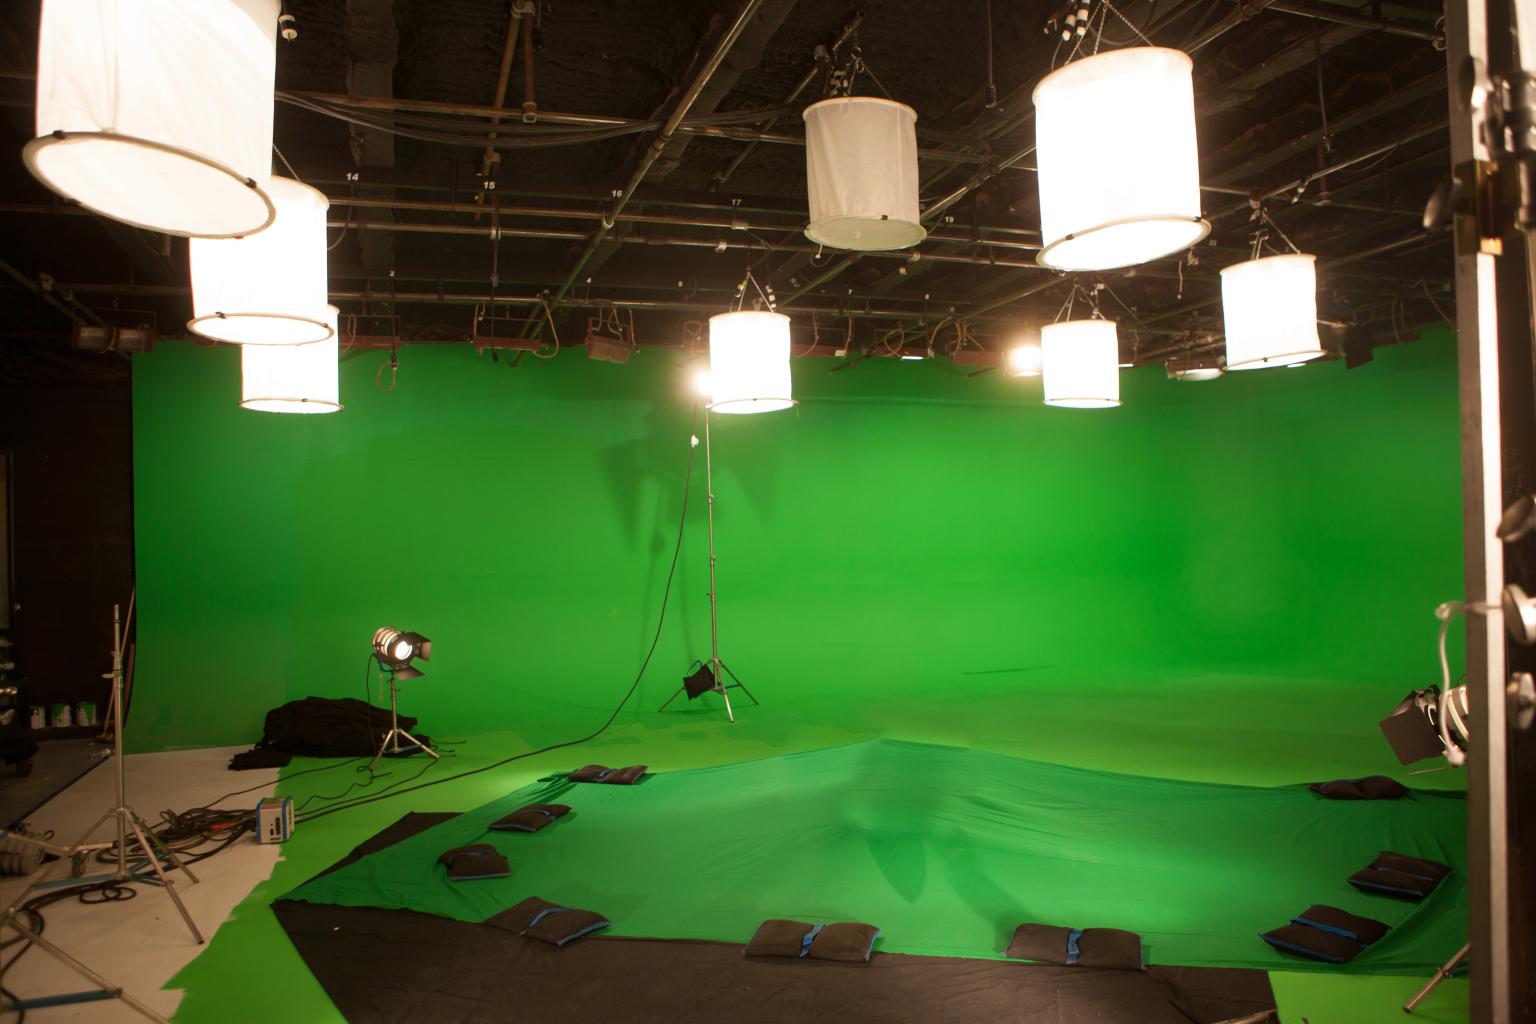 A reinvenção da produção de filmes e séries de TV por 'The Mandalorian' e ILM. 2